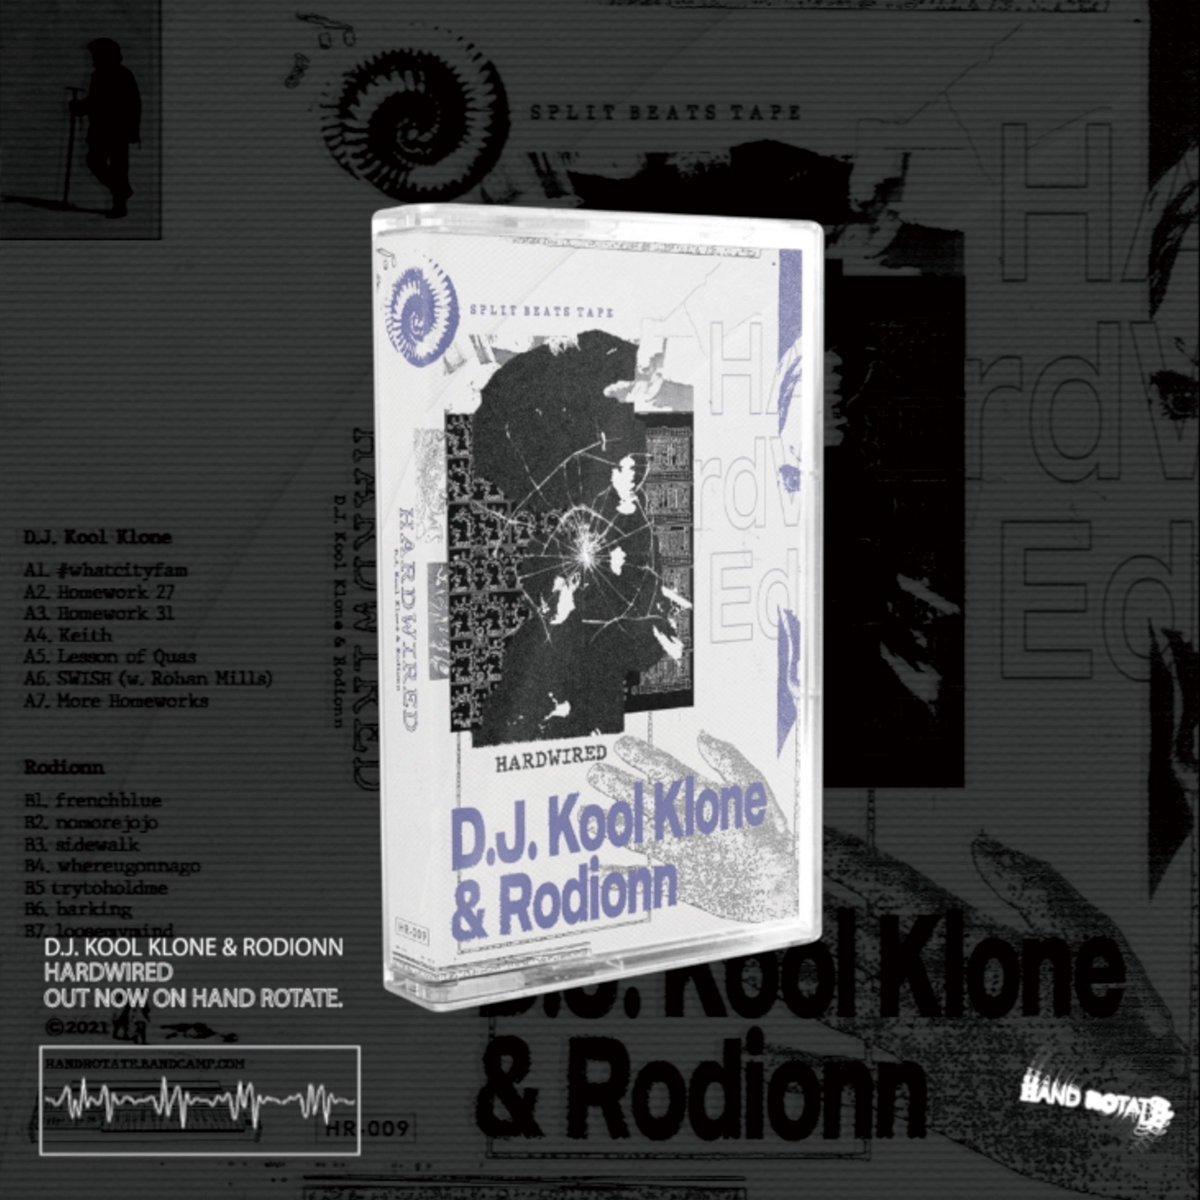 D.J.KOOL KLONE&Rodionn -Hardwired